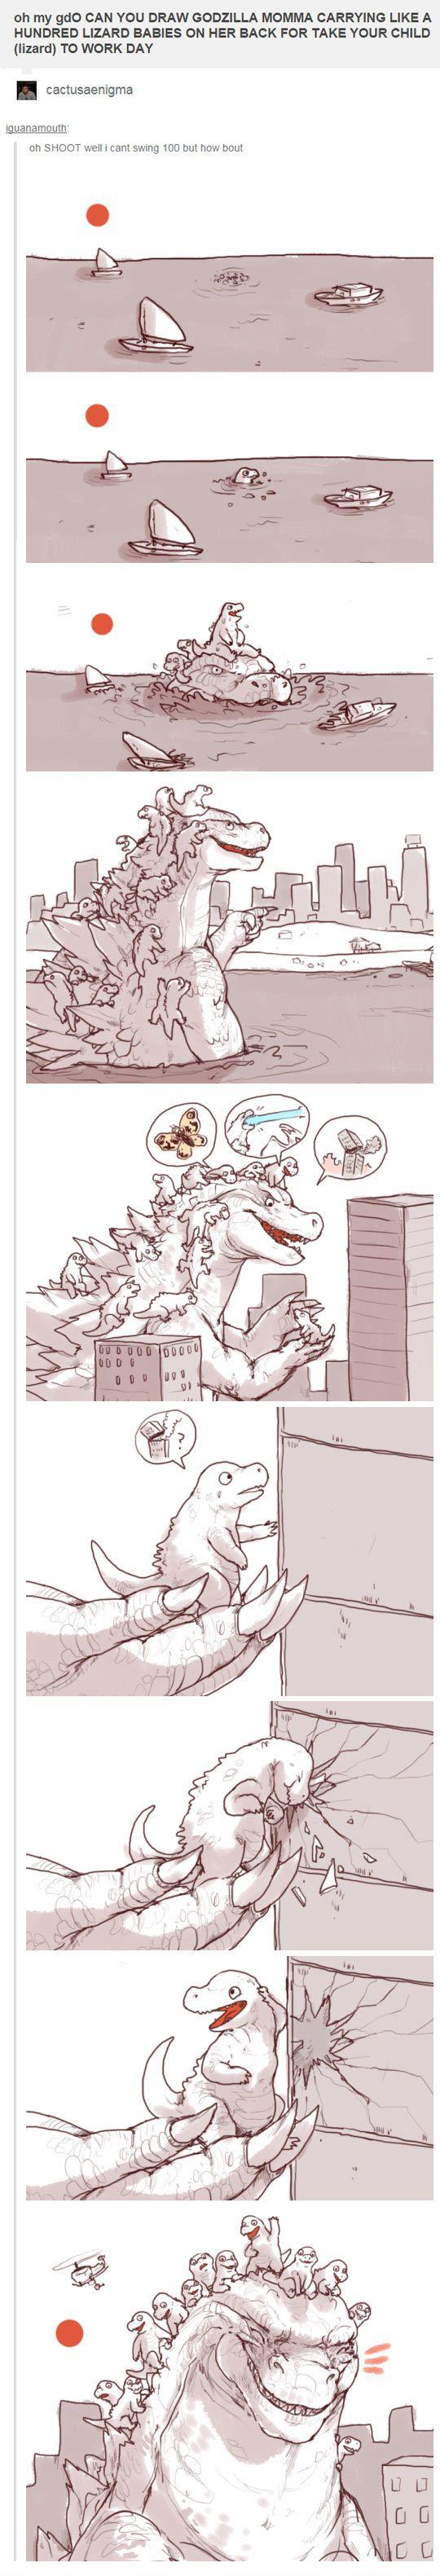 Can you draw Godzilla?